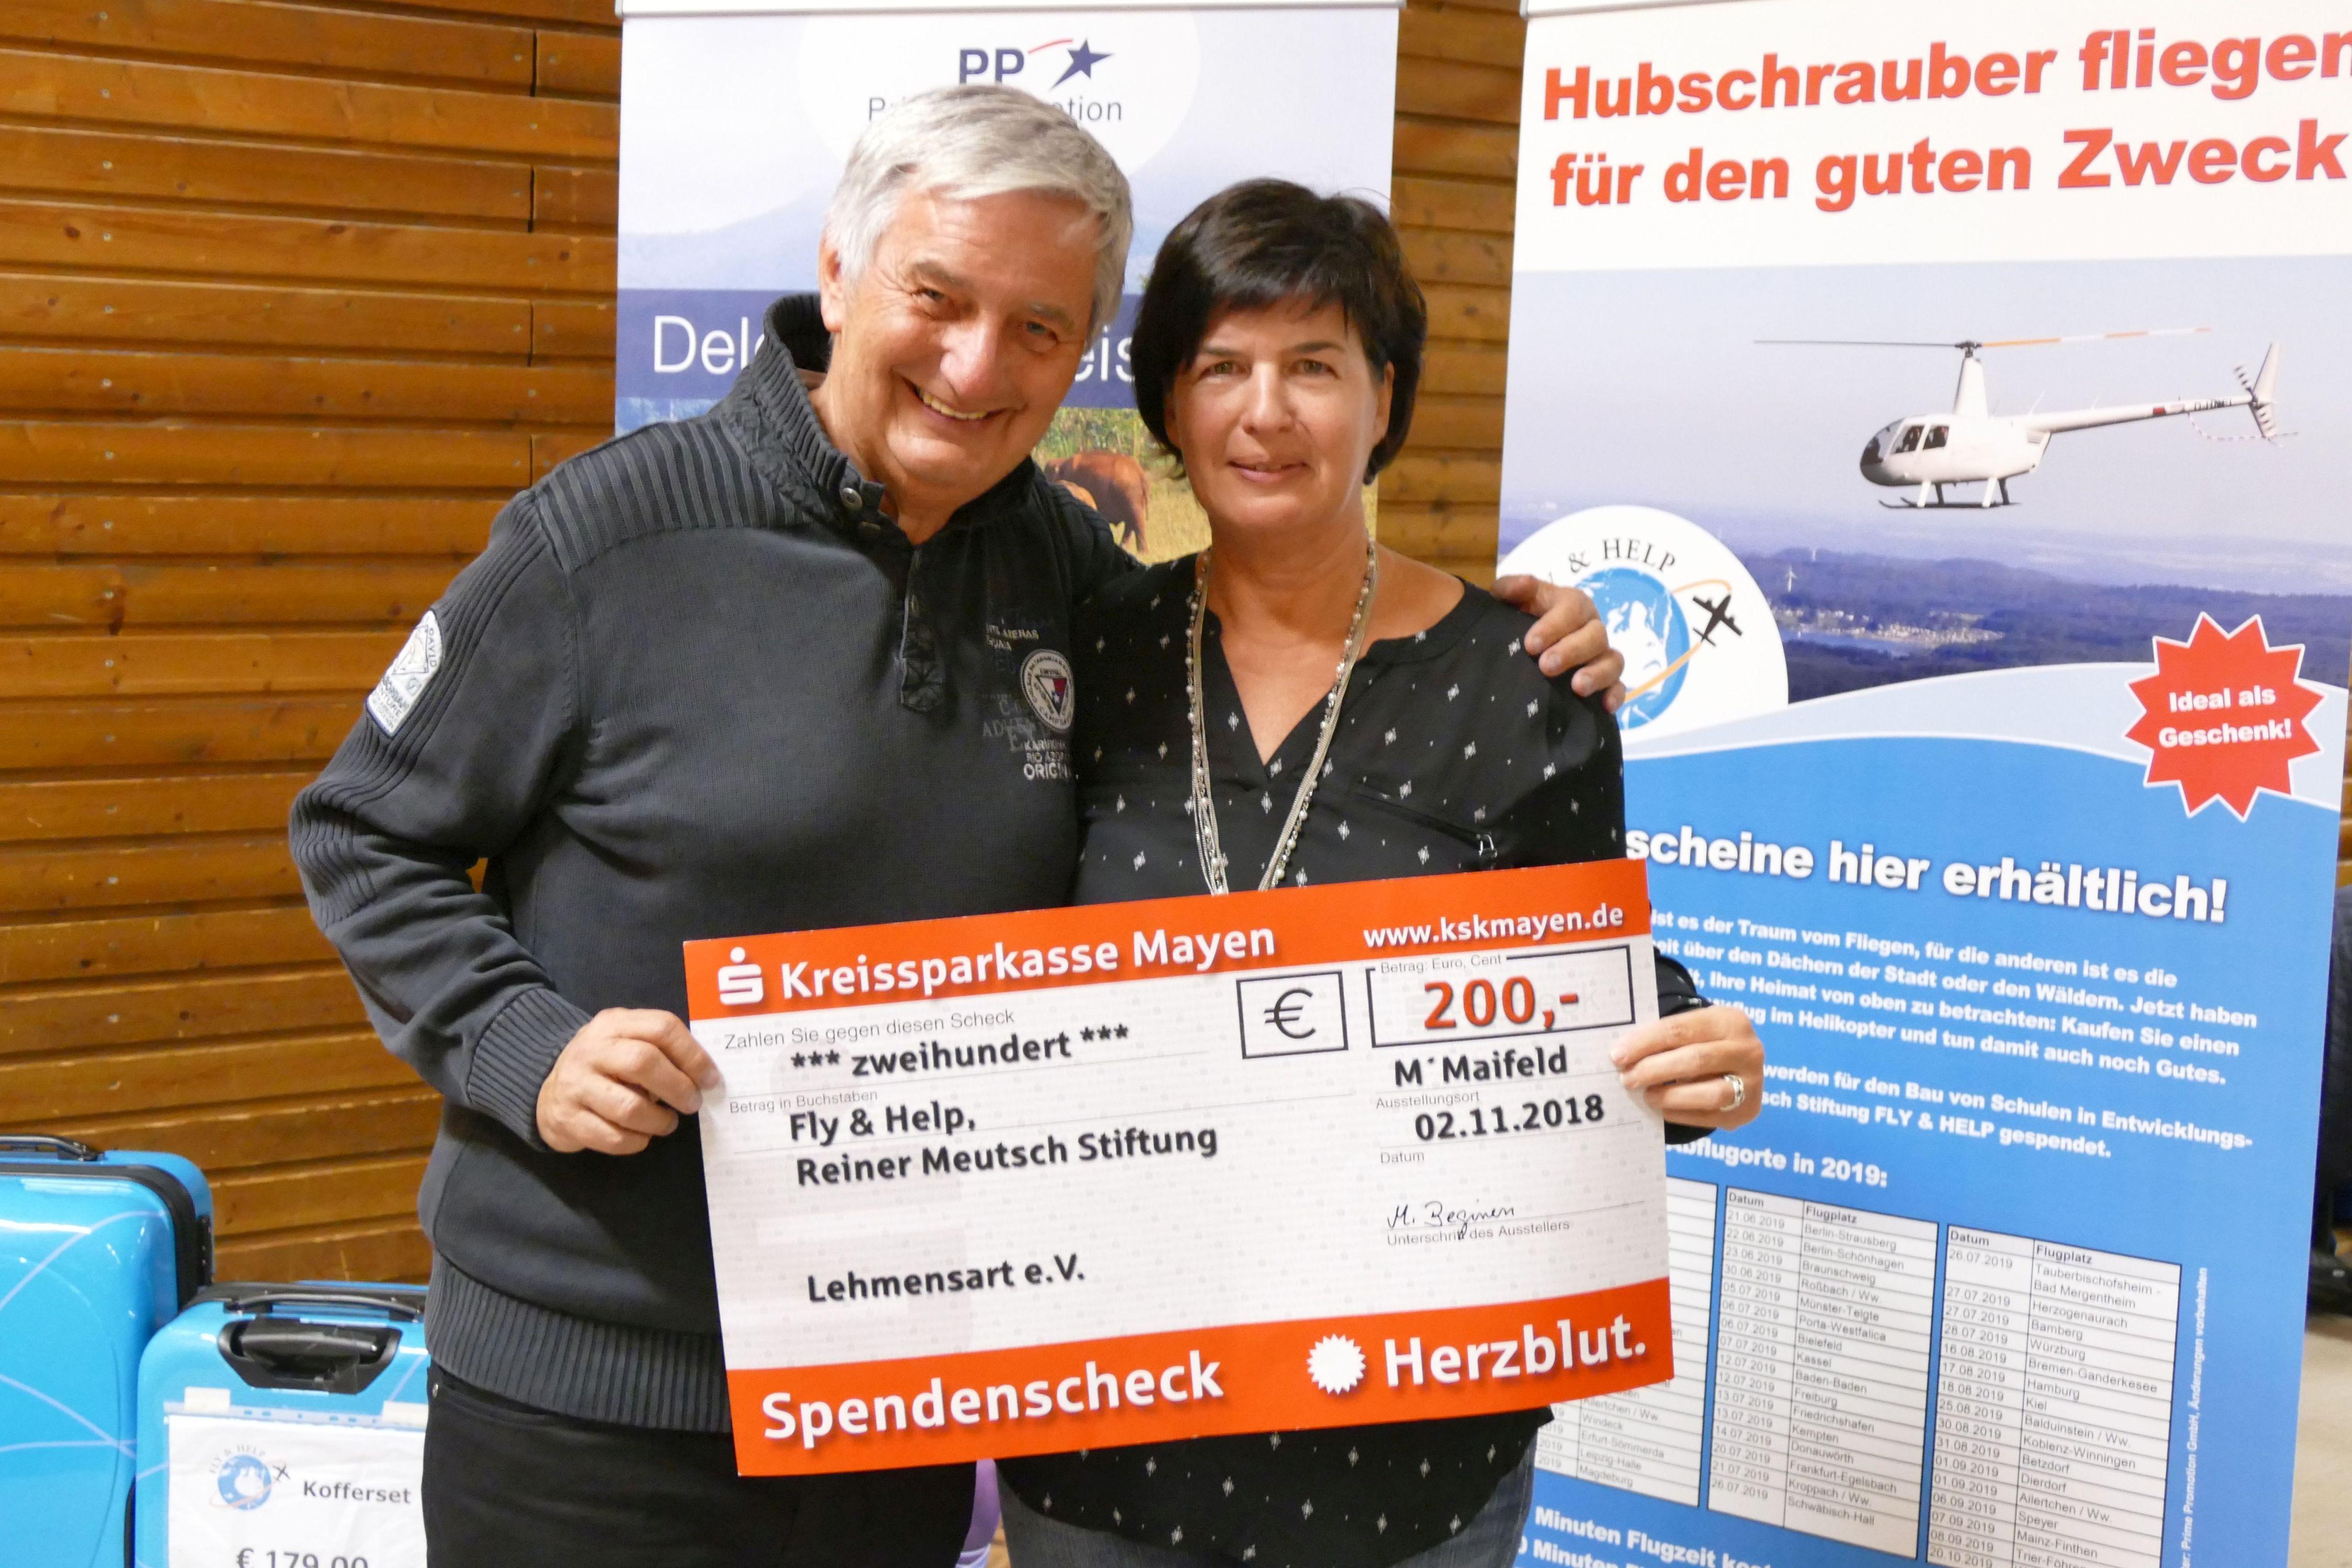 Reiner Meutsch und Monika Beginen, 1. Vorsitzende